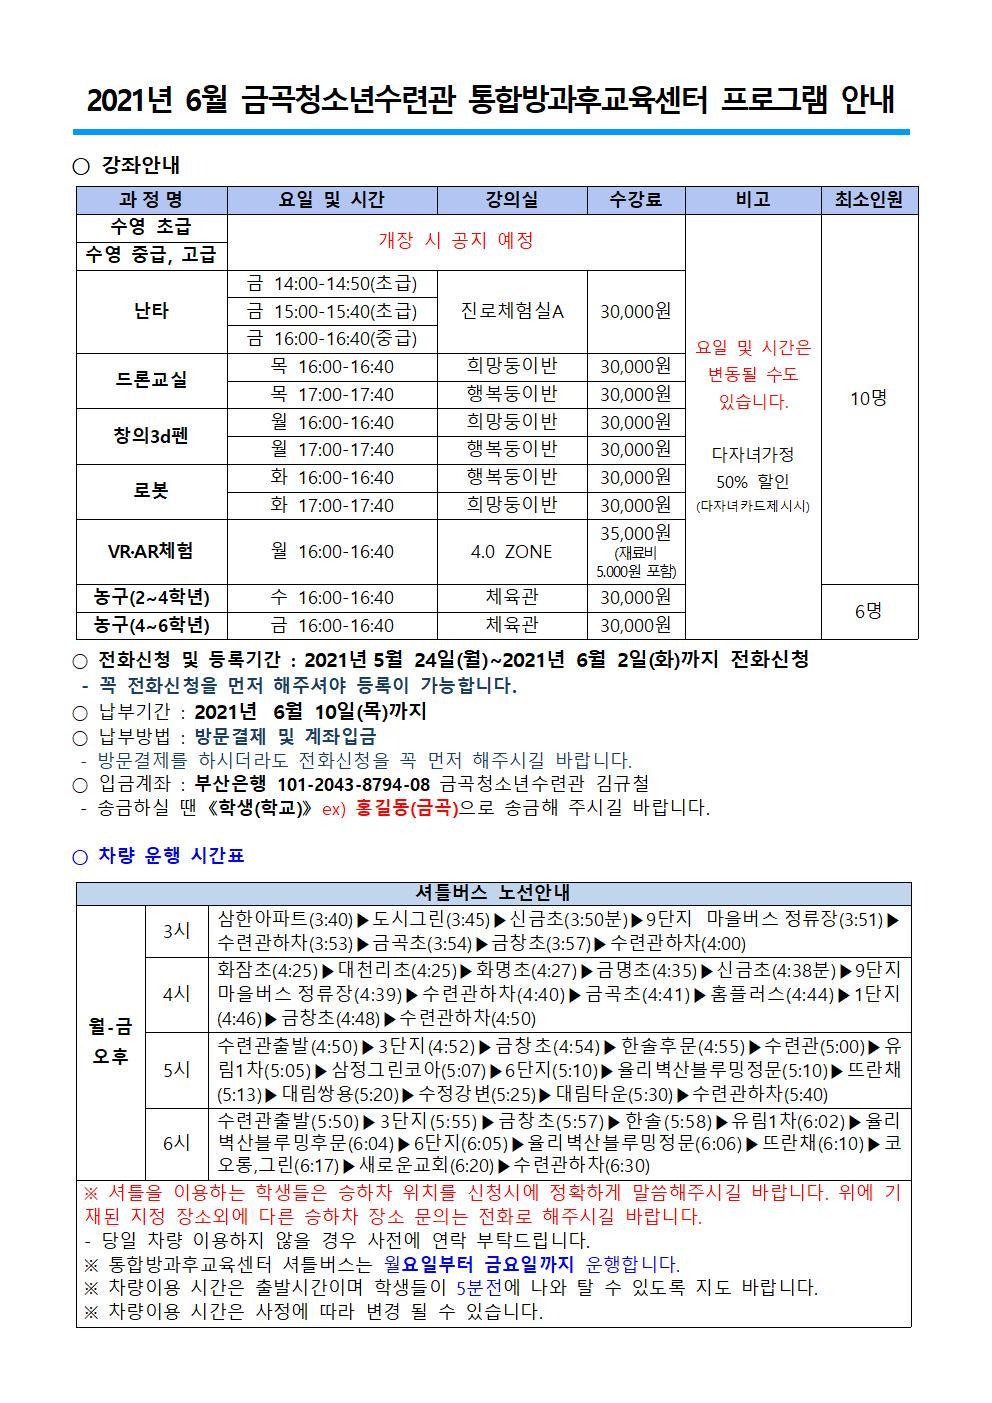 2021 6월 통합방과후교육센터 안내문002.jpg